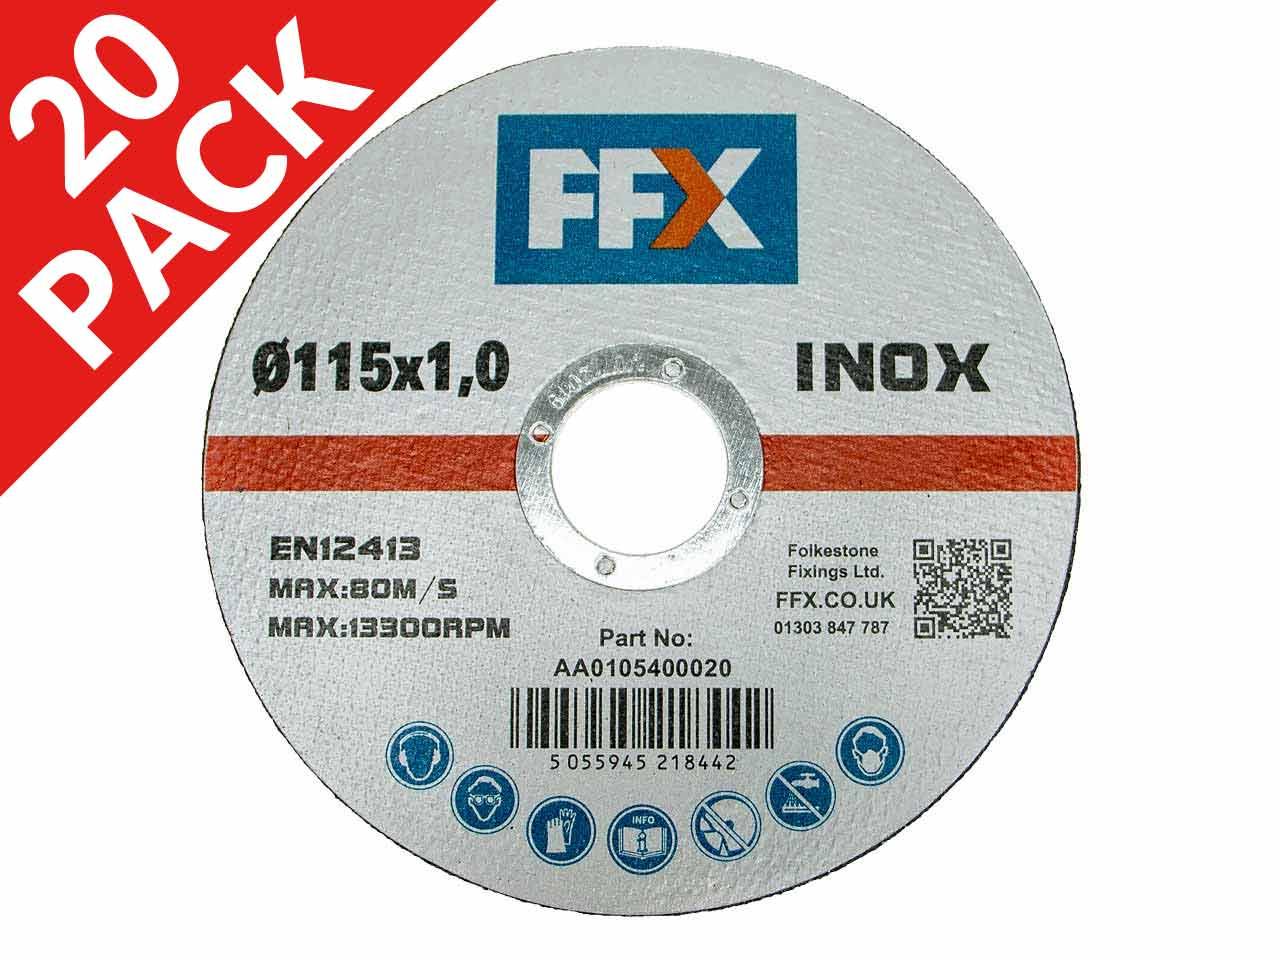 FFX_AA010540002020.jpg